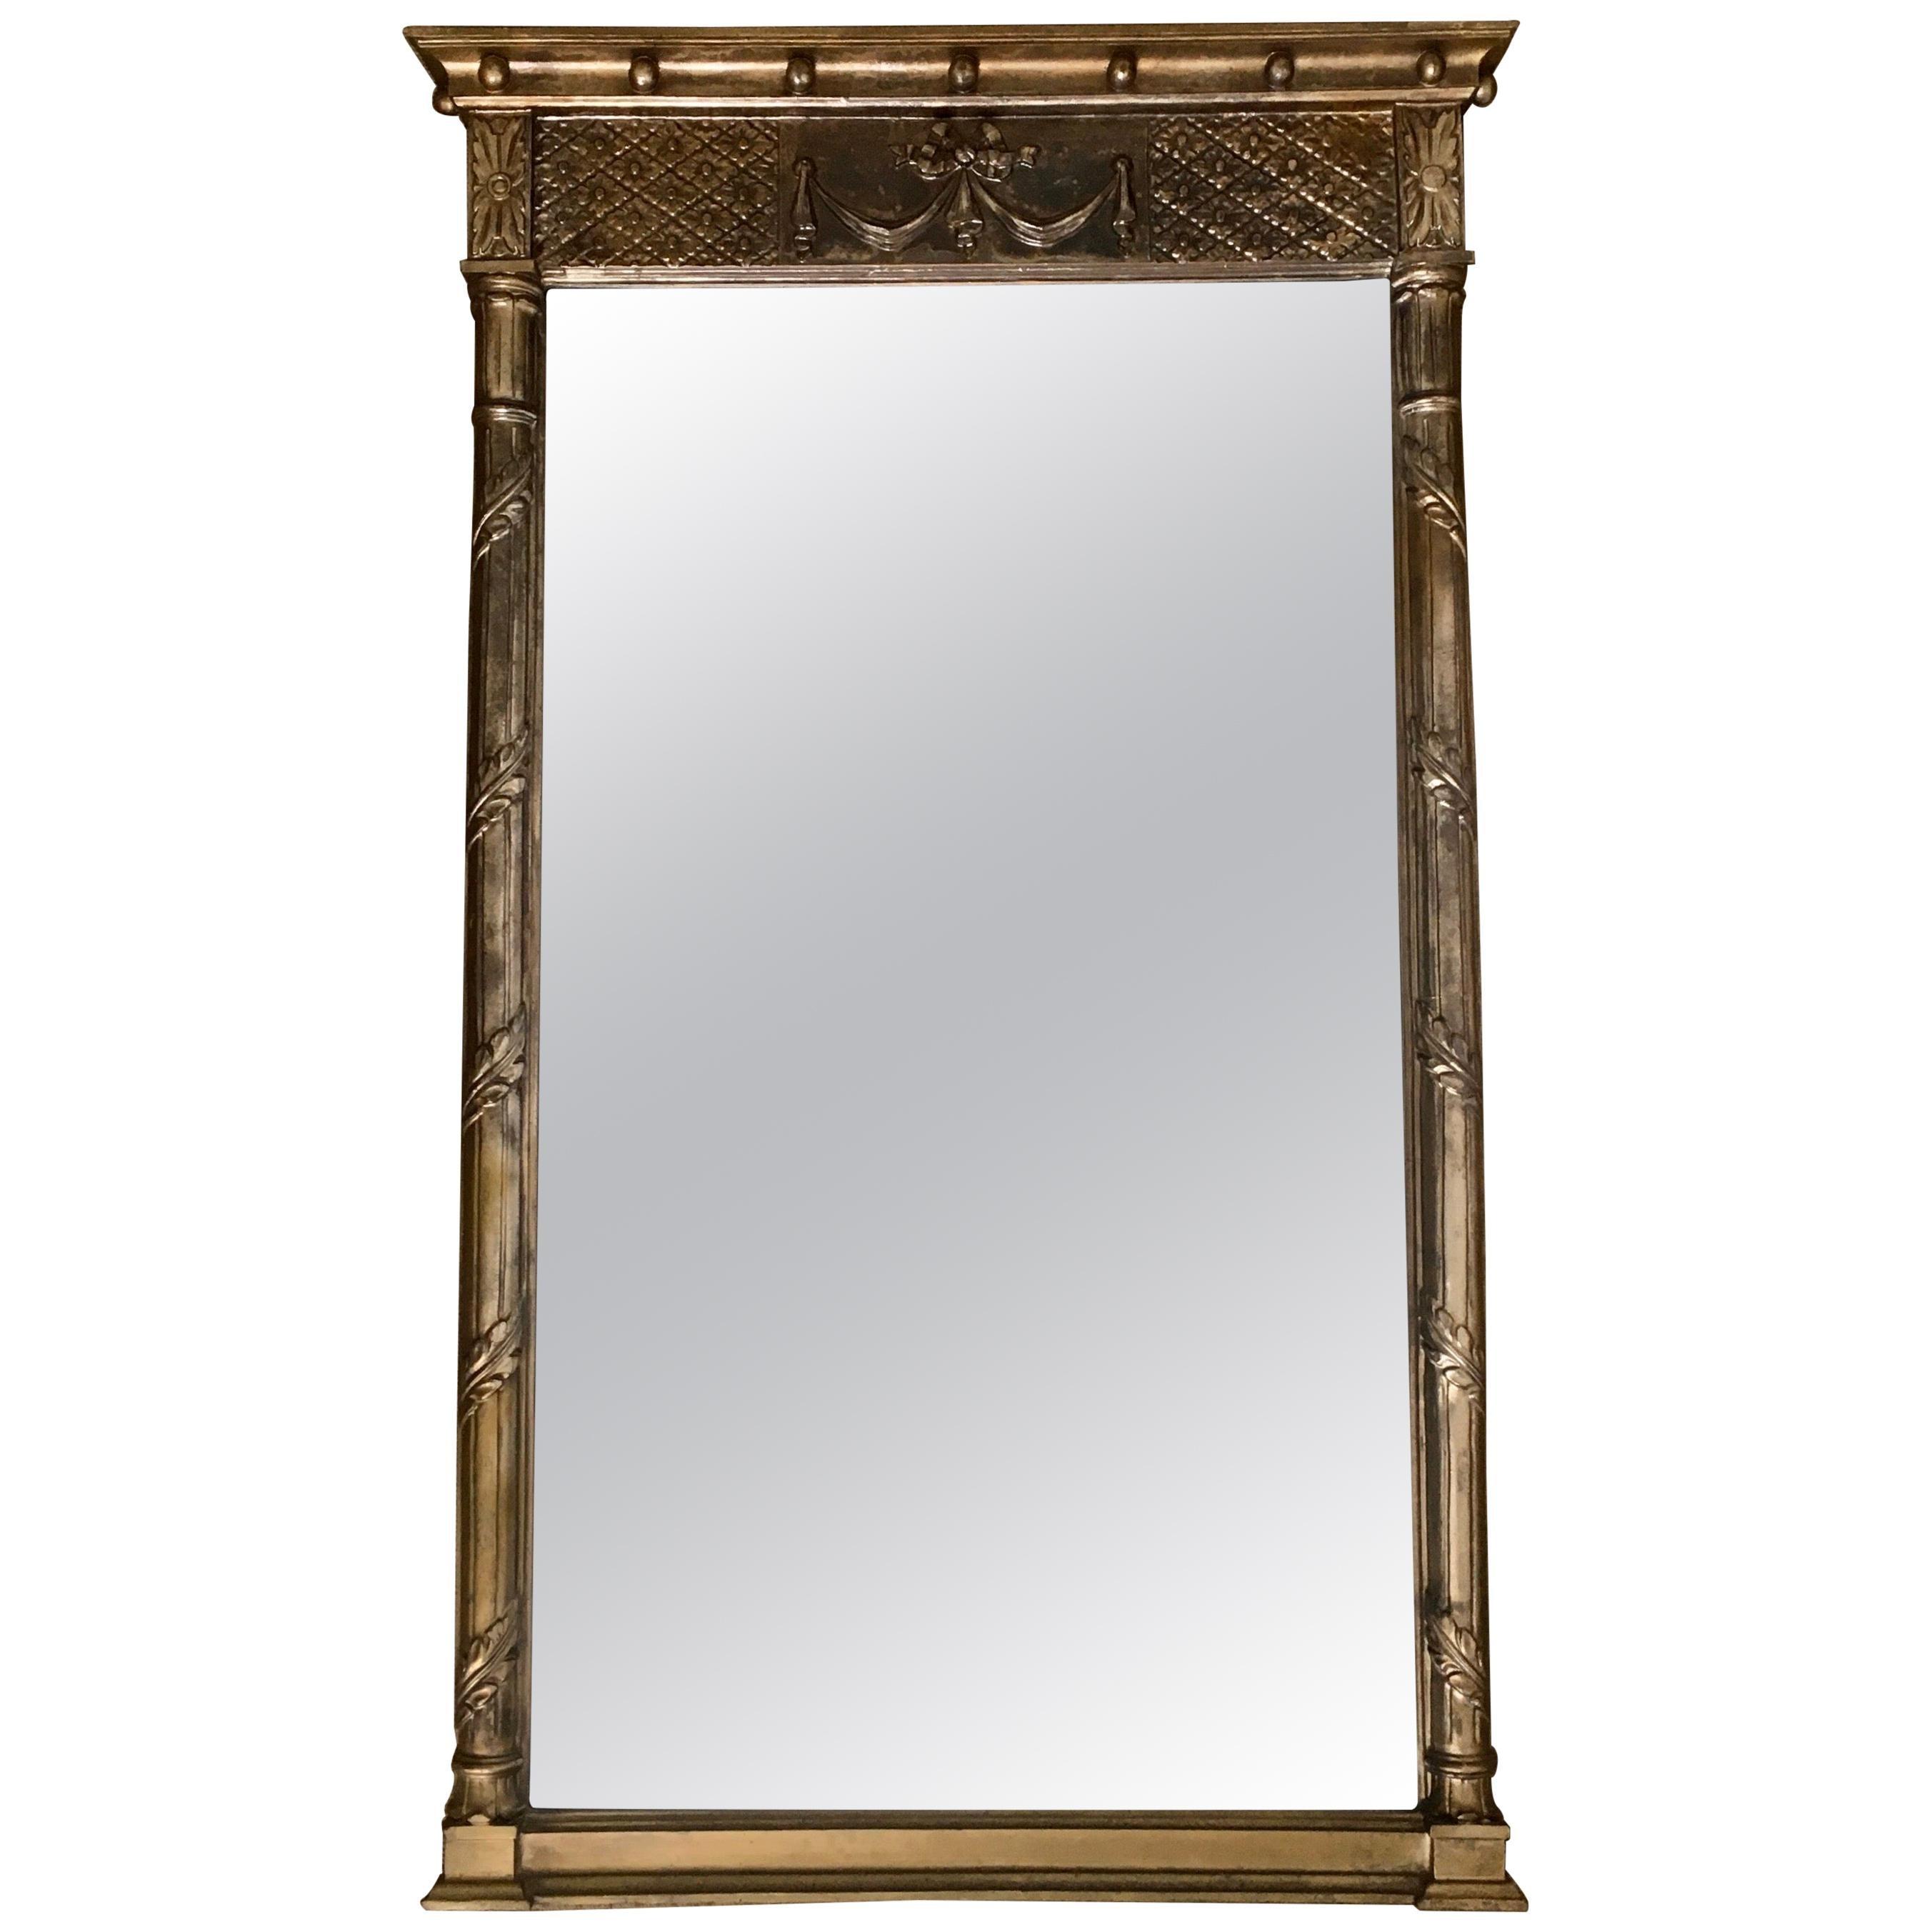 Silver Regency Style Draped Pier Beveled Wall Mirror